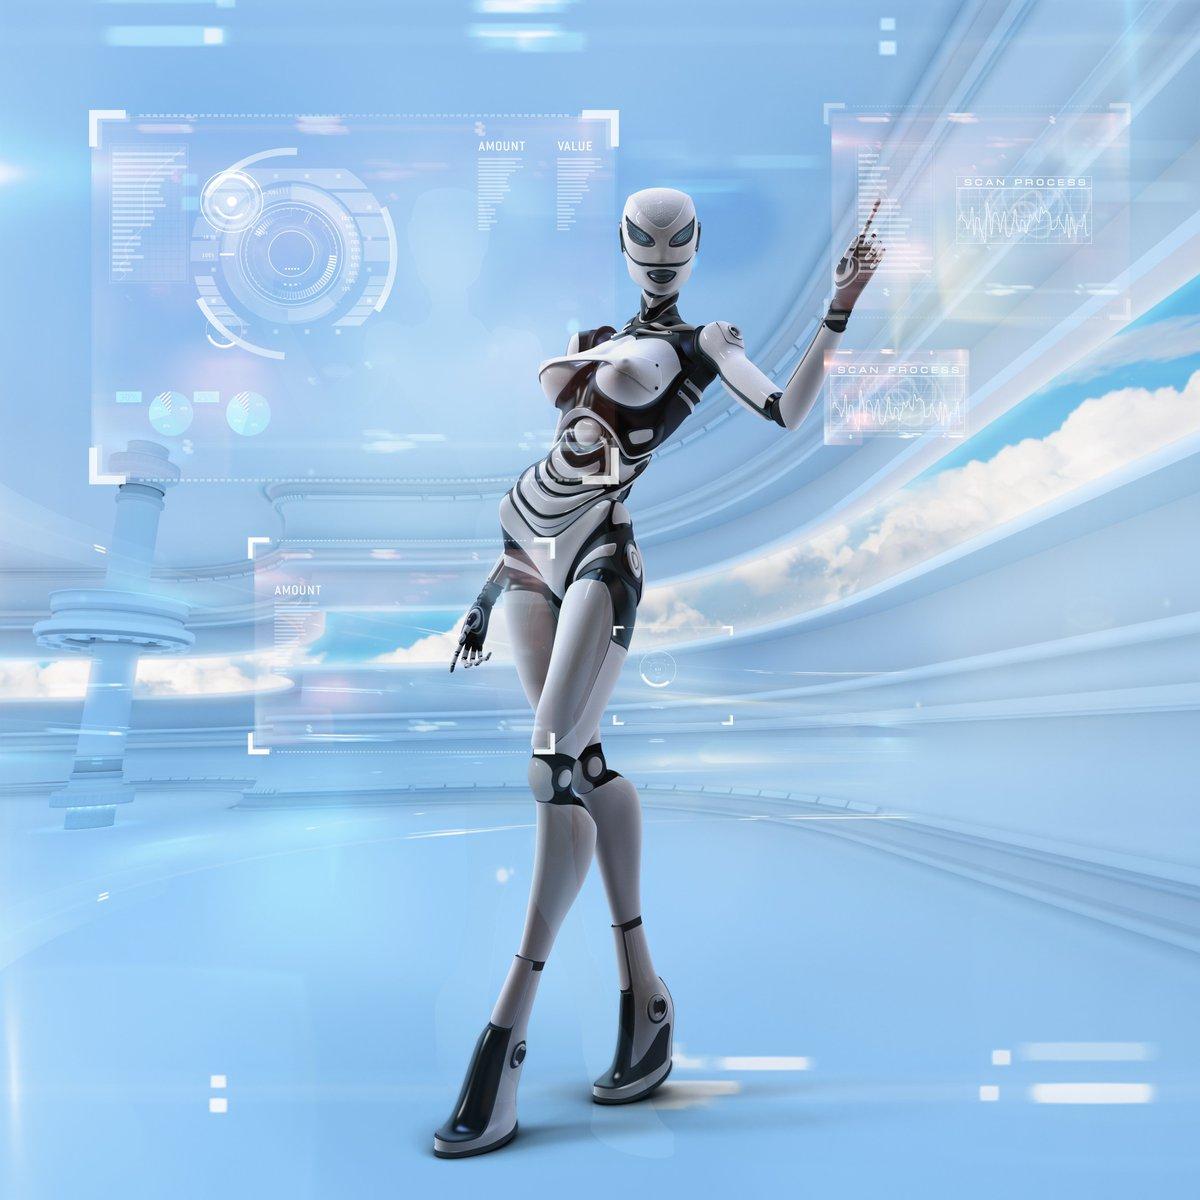 Tirdzniecības roboti iekaro biržas :: Dienas Bizness, automatizēts akciju tirdzniecības robots